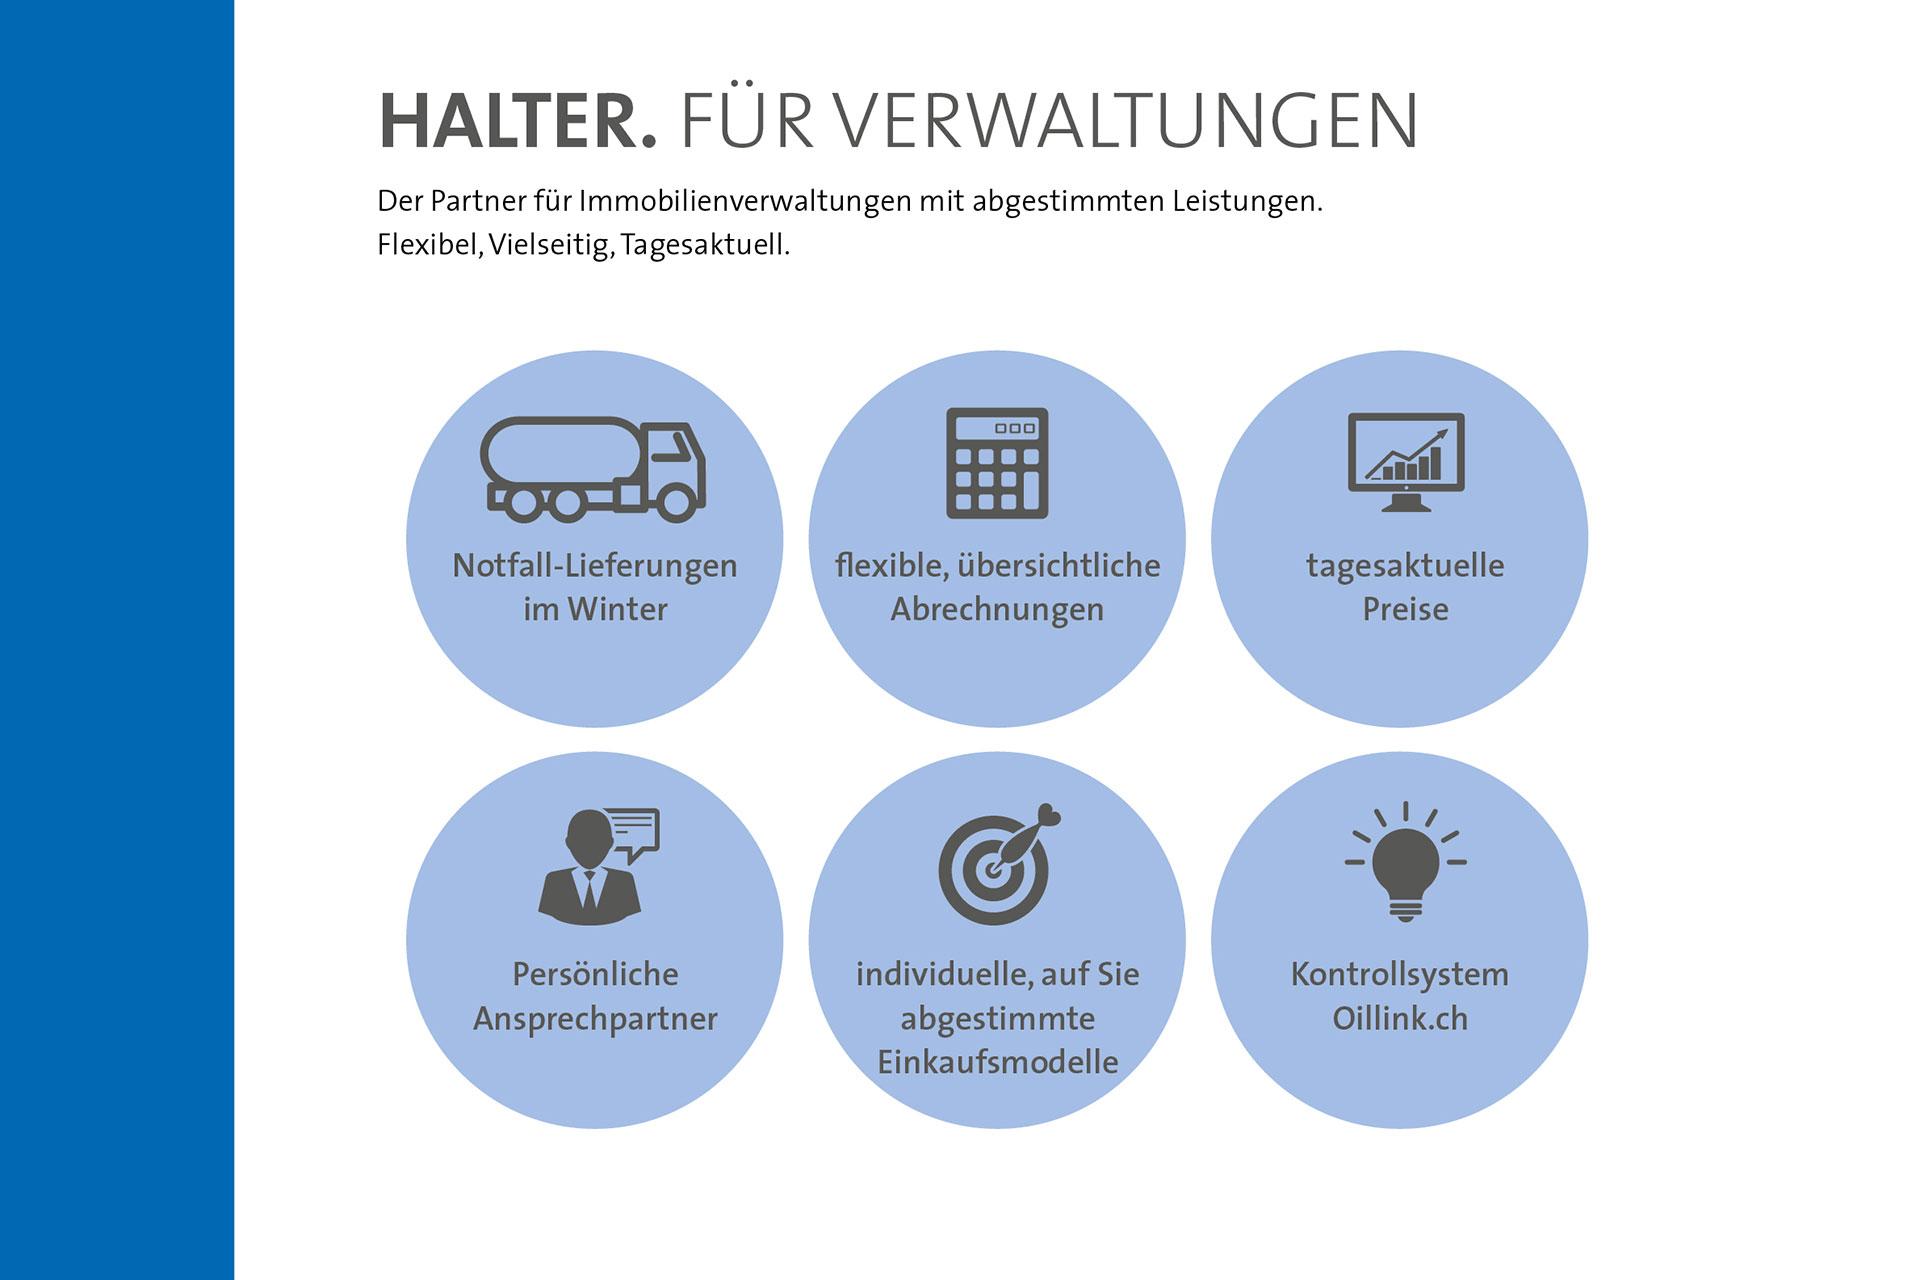 Halter_Mailing_3.jpg